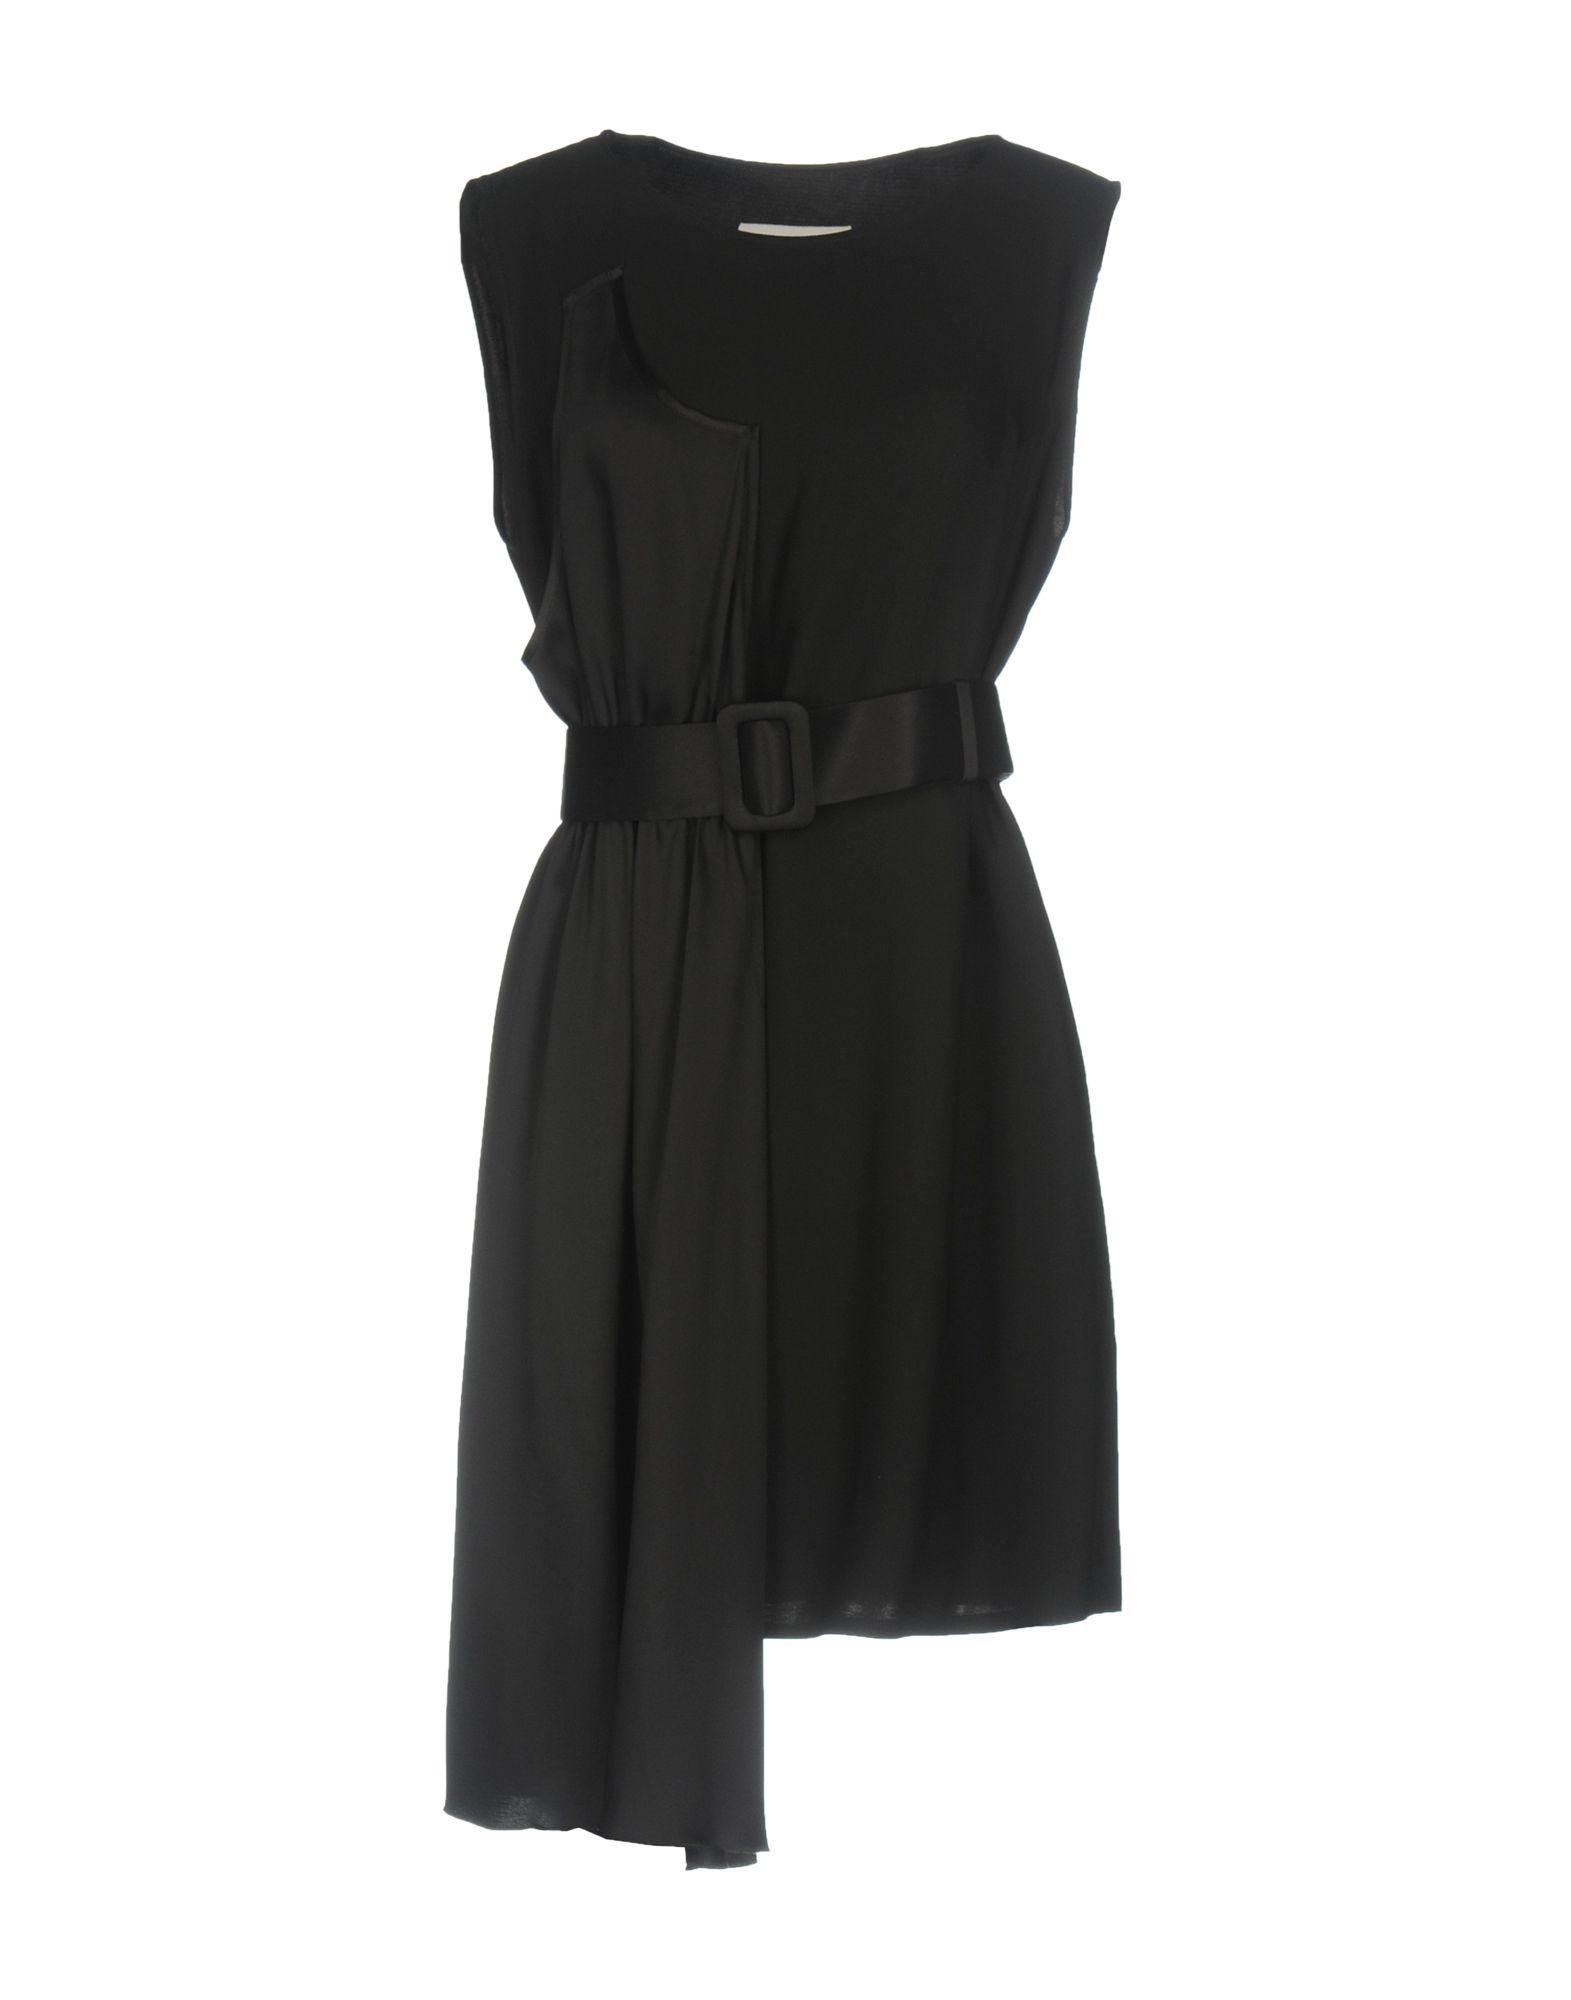 Vestito Corto Mm6 Maison Margiela Donna - Acquista online su FtHOKMvY5l